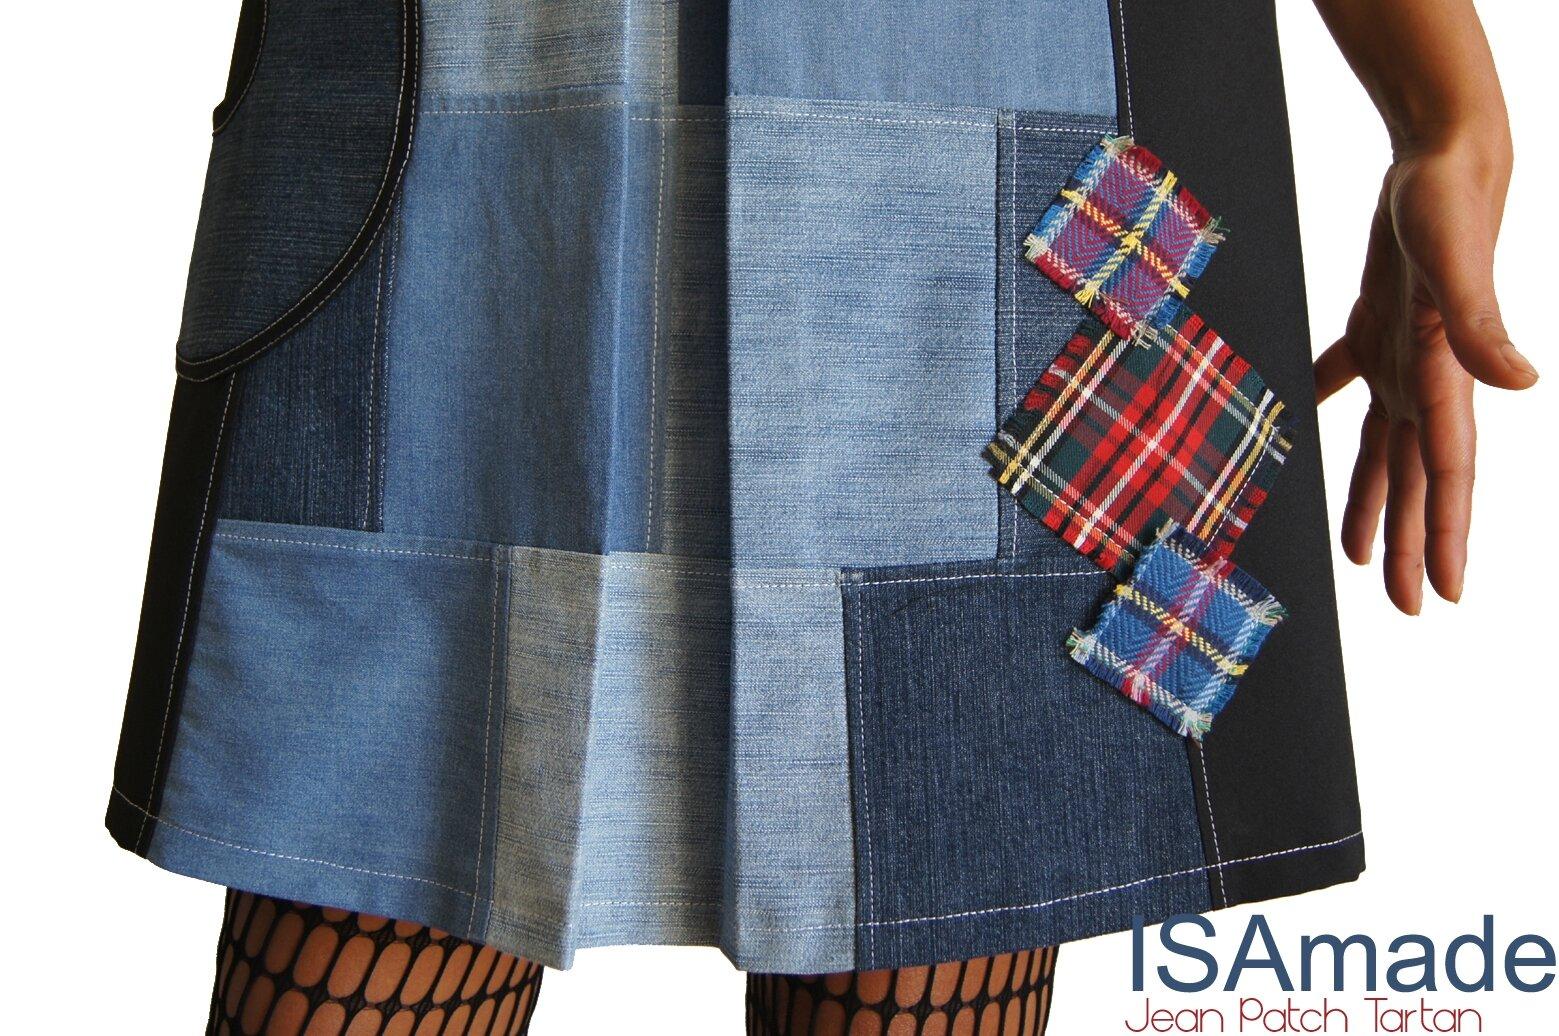 Robe Noire trapèze à Patch de Jean délavé/ brut Tendance Automne Hiver 2014 2015 Géométrique à découpes Graphiques